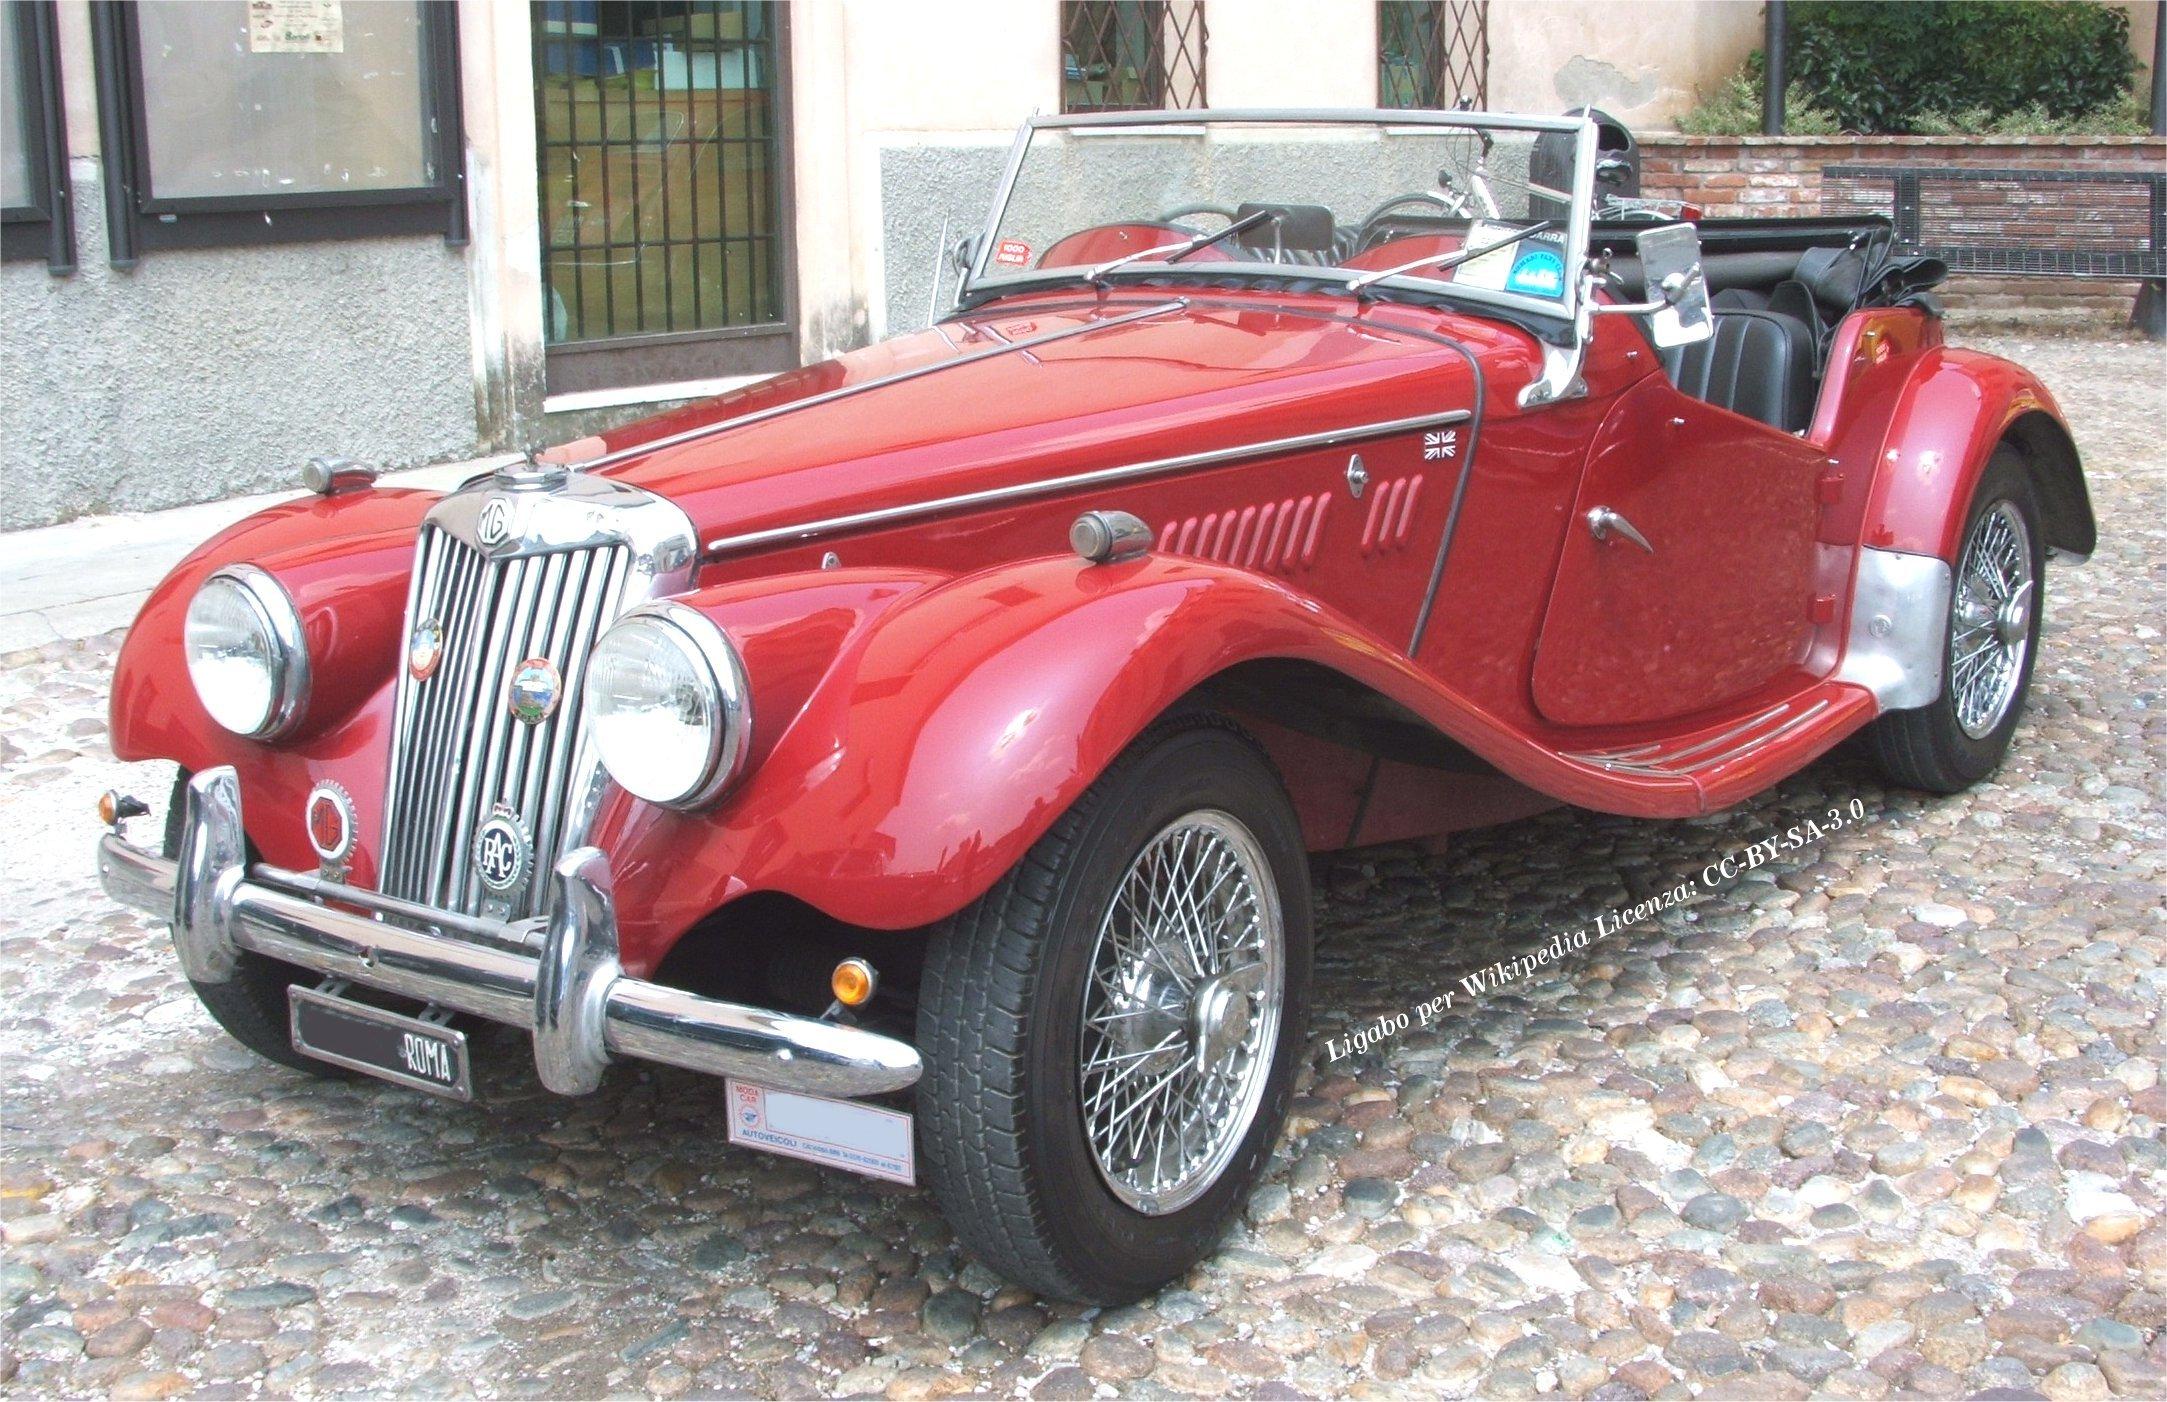 Vintage Mg Cars For Sale Uk